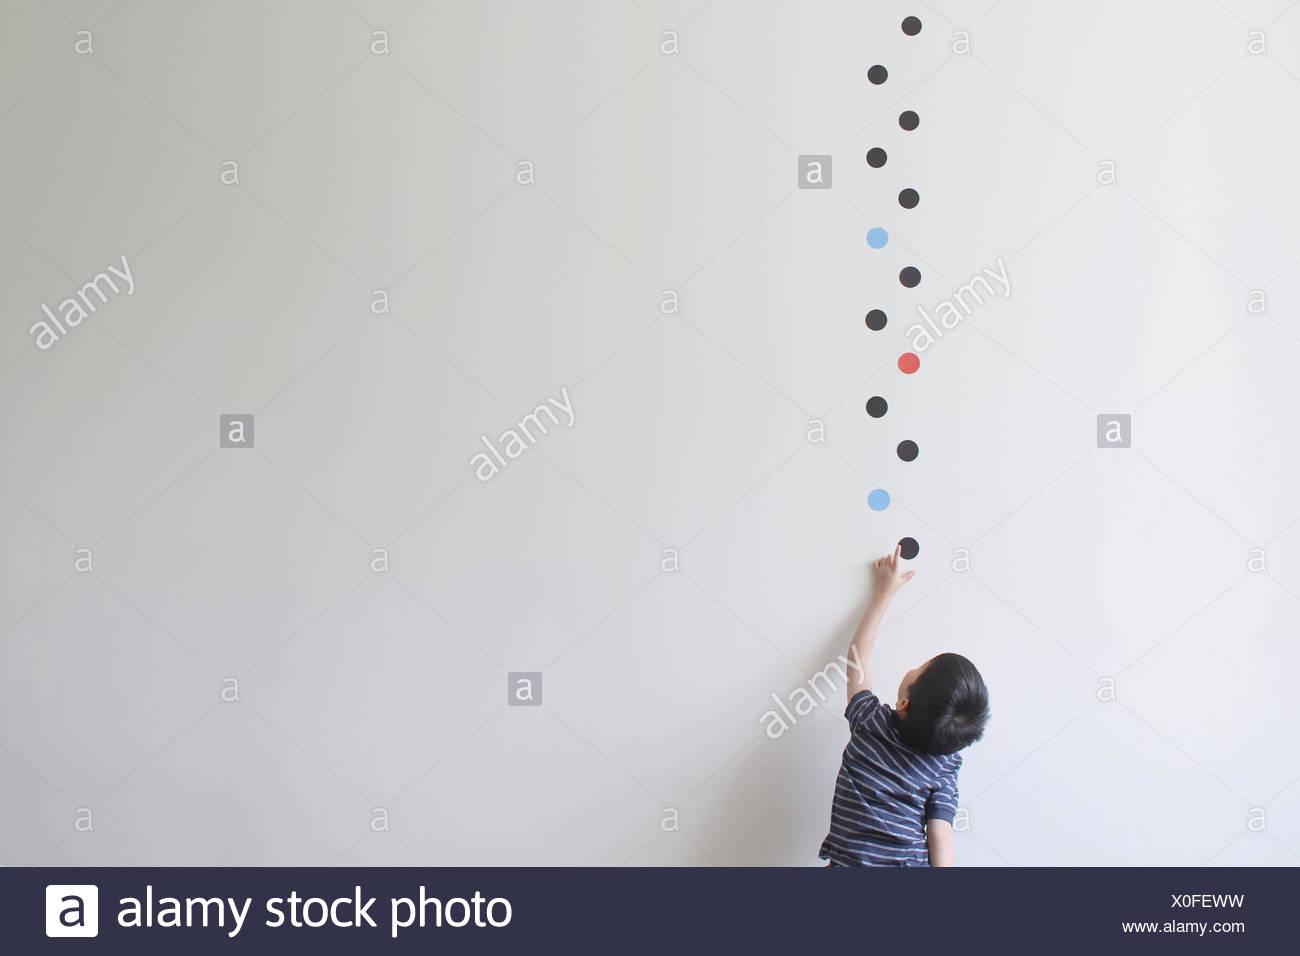 Garçon essaie de prendre l'un des motifs à points sur le mur Photo Stock